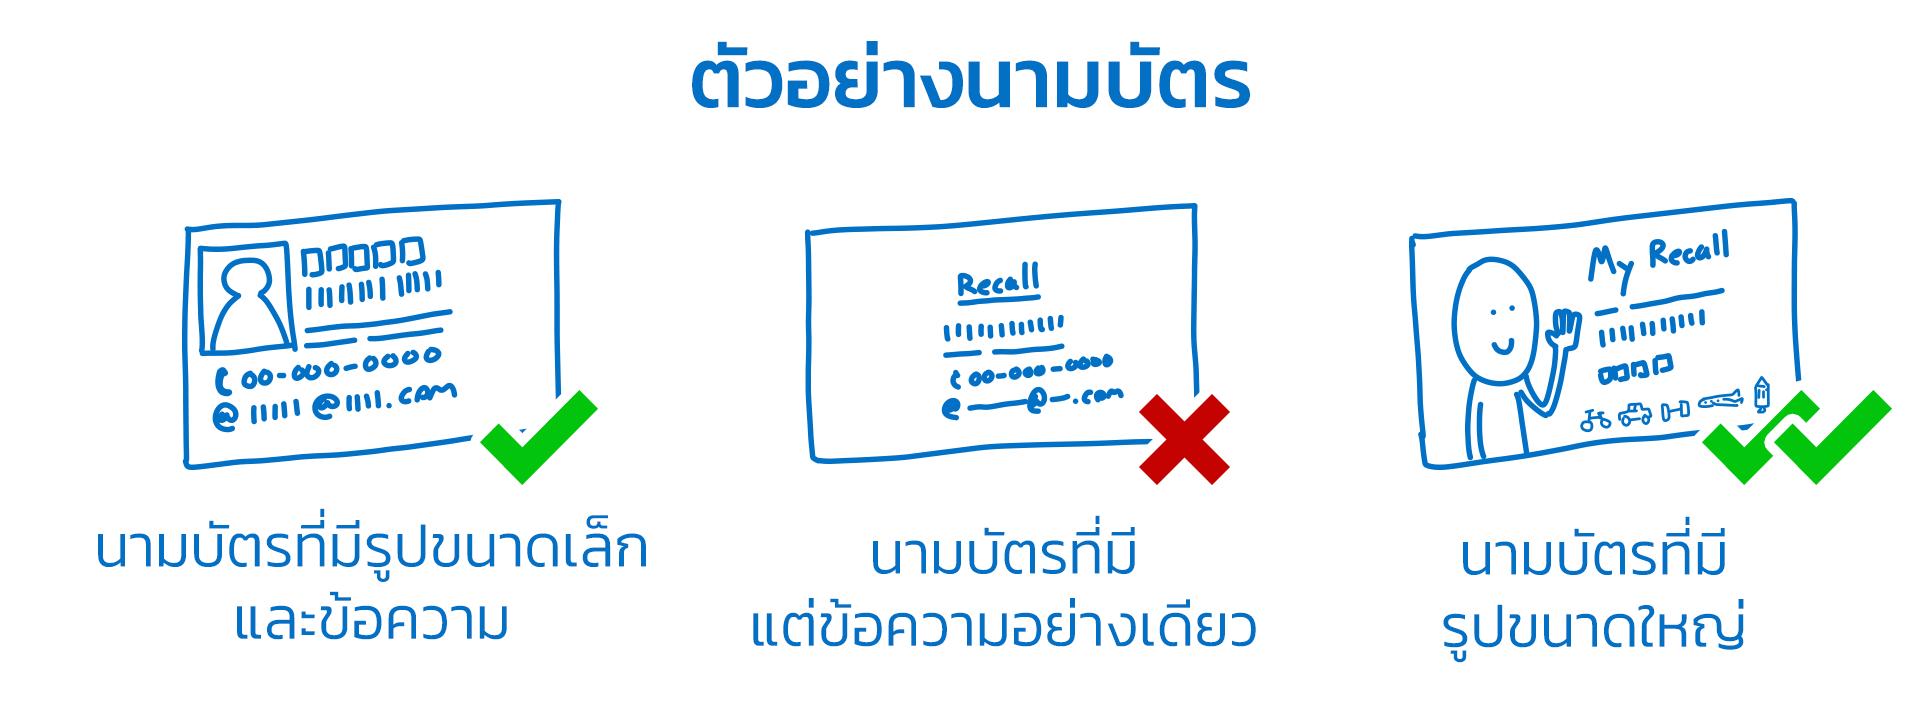 ตัวอย่างของนามบัตรที่เป็น AR Code